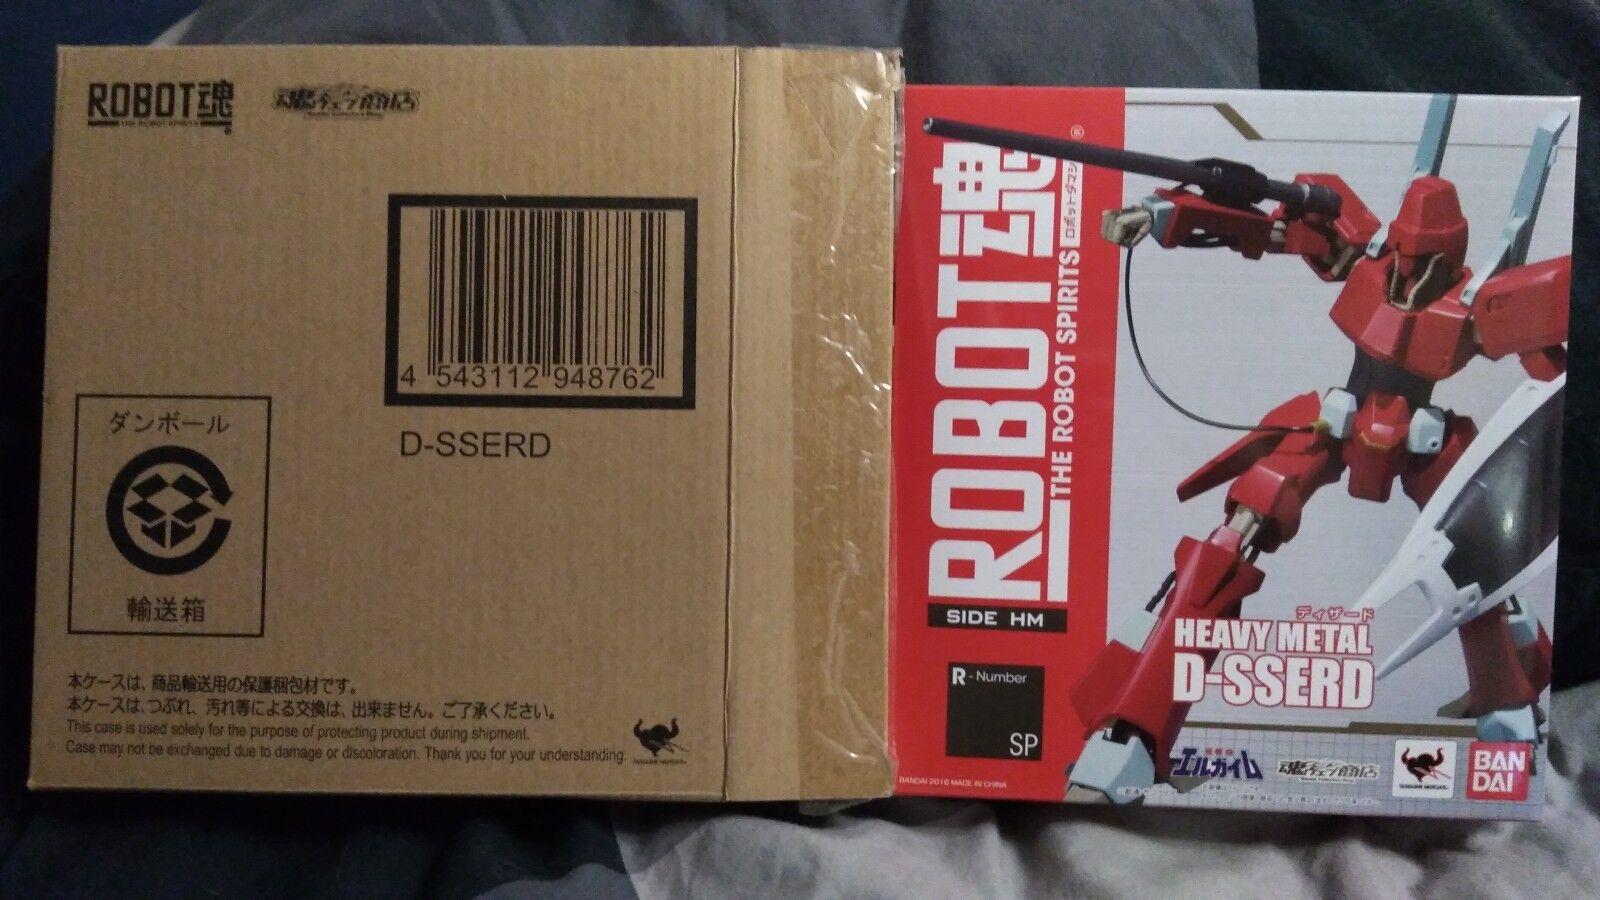 garantizado Robot Spirits D-sserd totalmente nuevo en caja de de de edición limitada de metal pesado L-gaim  venta de ofertas